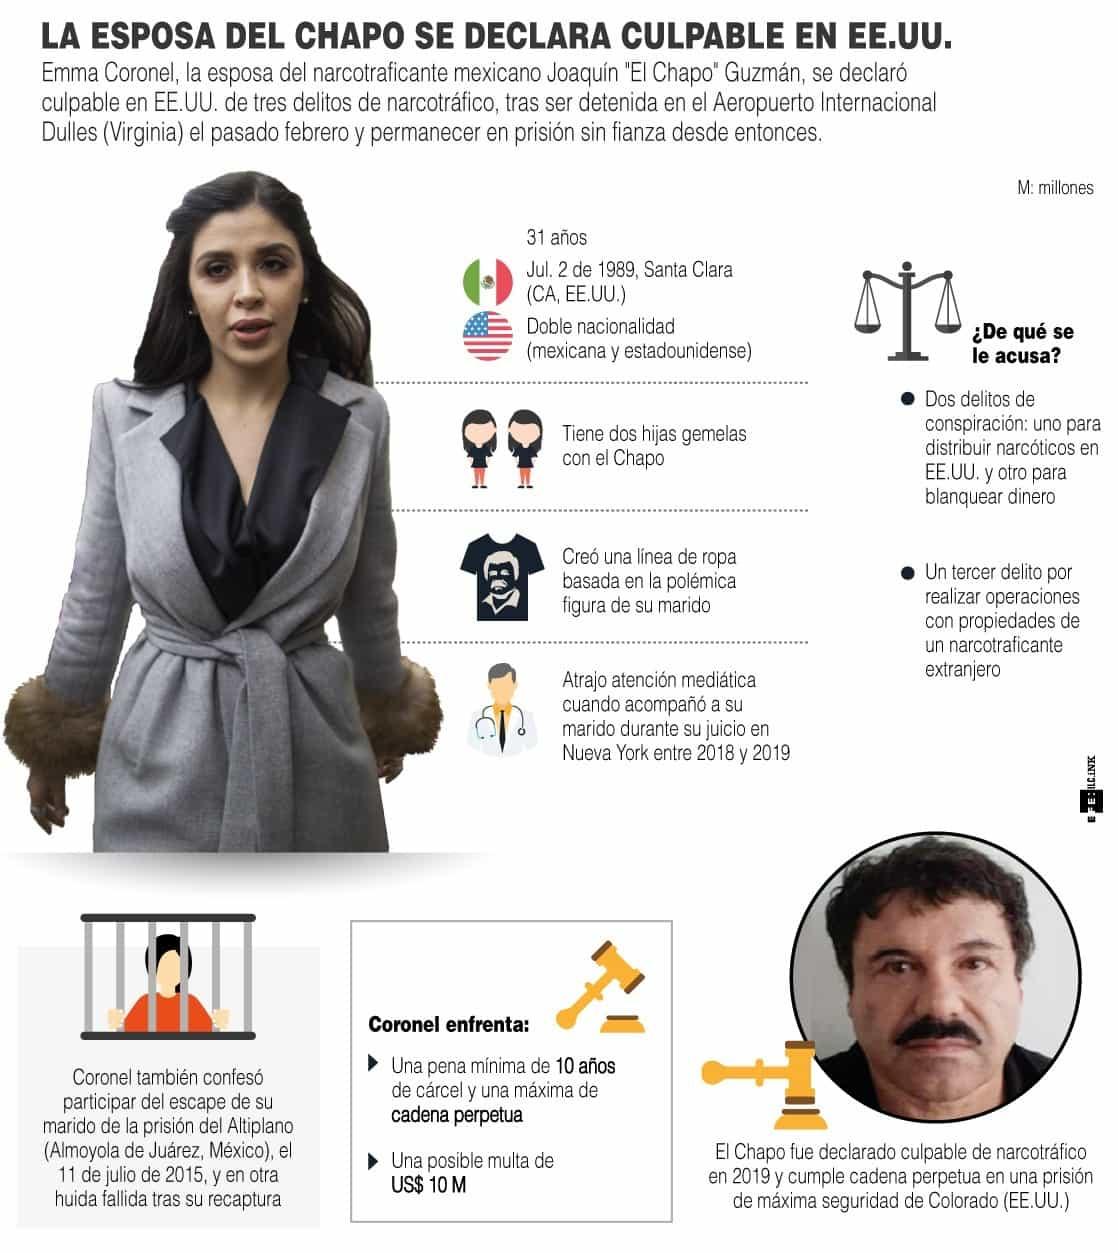 [Infografía] - La esposa del Chapo se declaró culpable de narcotráfico y blanqueo en EE. UU. 1